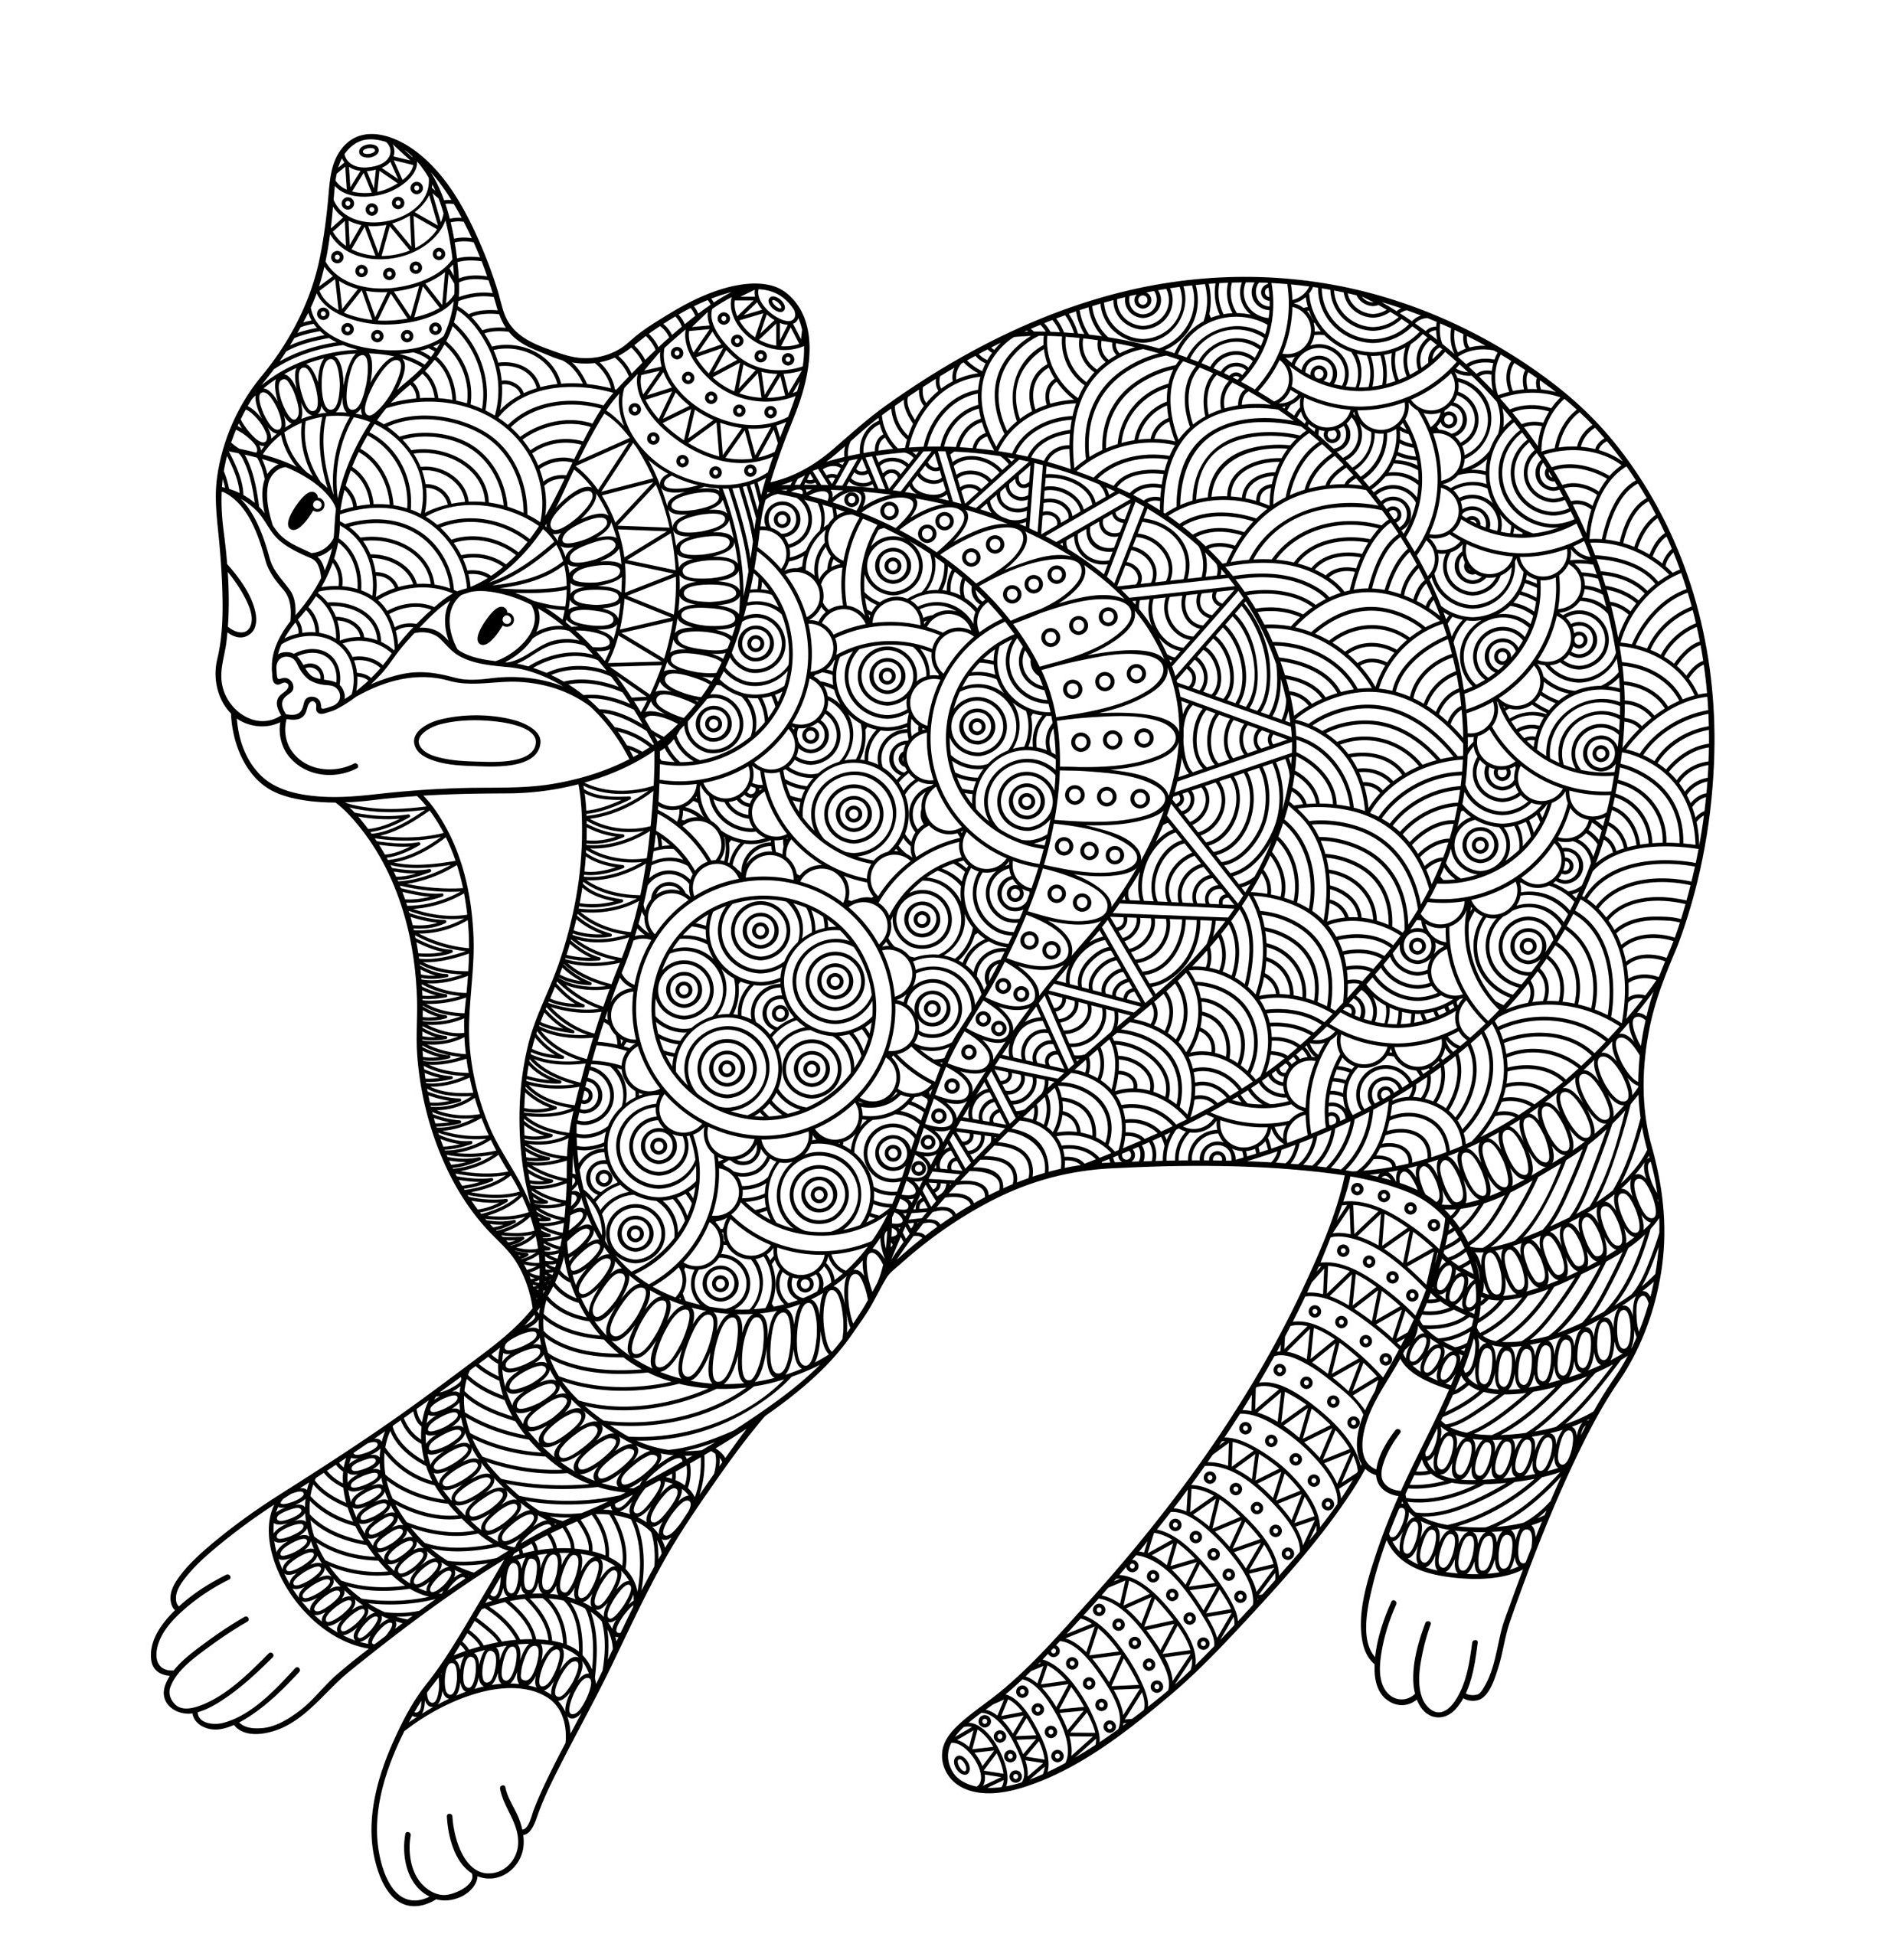 Полосатый кот - Животные - Раскраски антистресс